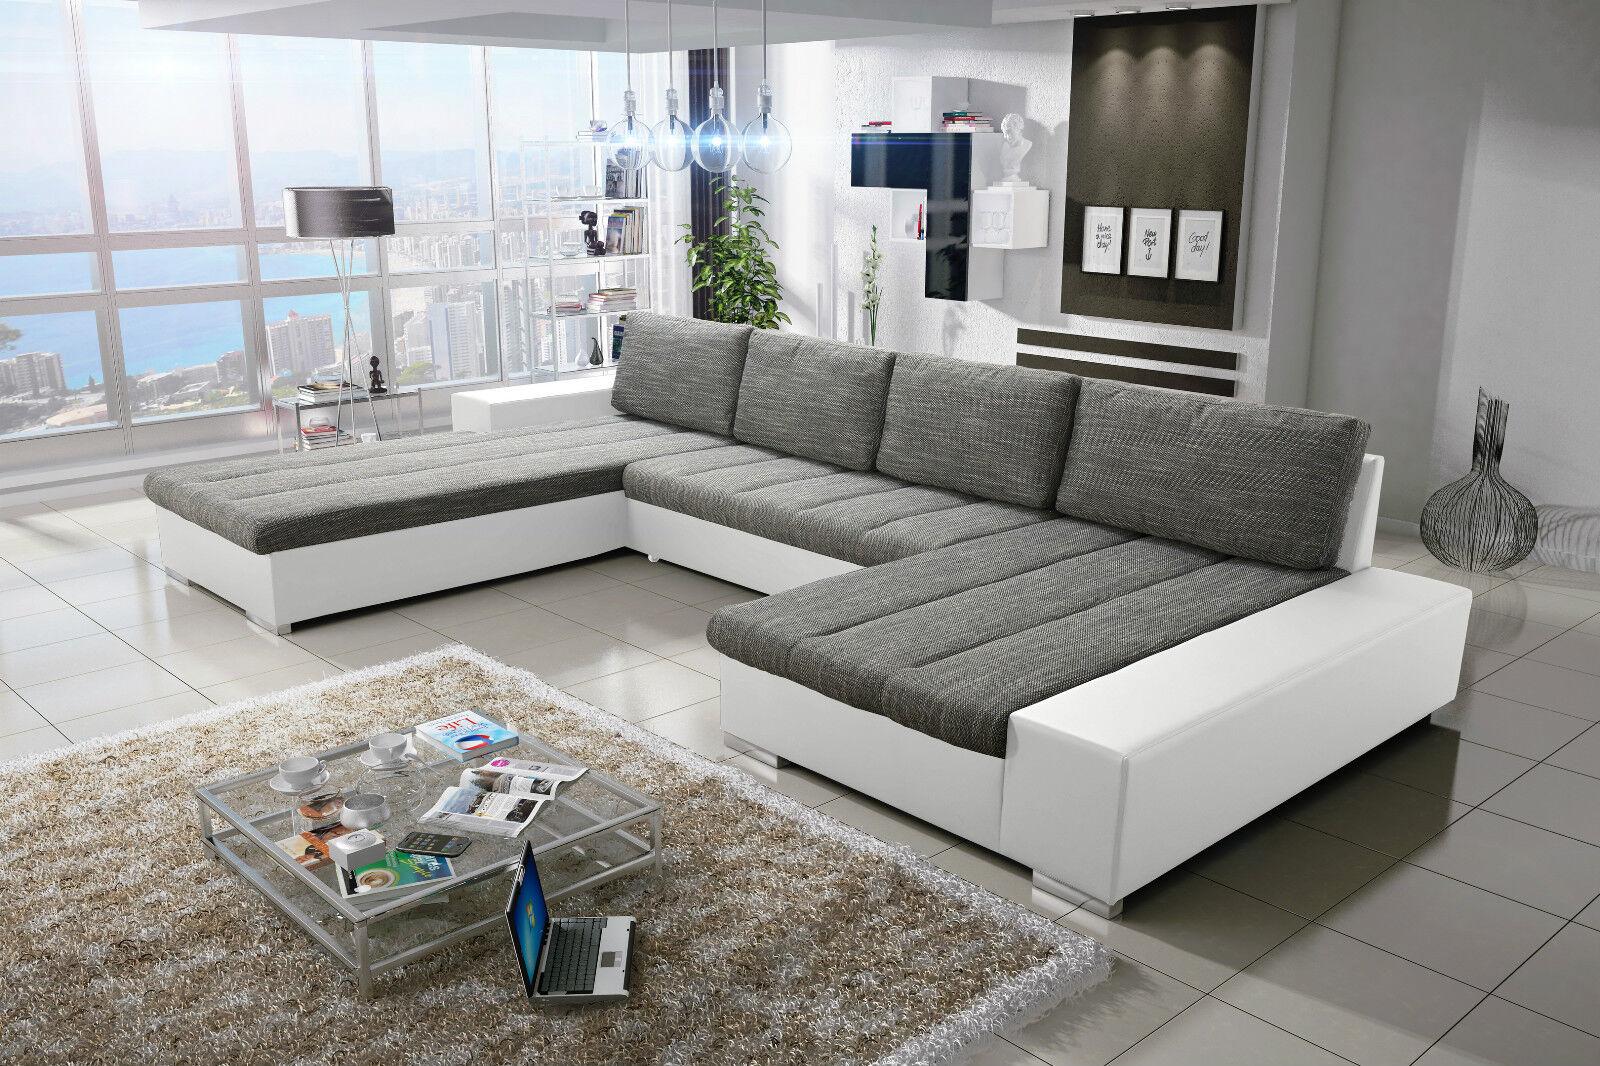 Sofa Couchgarnitur Couch Polsterecke Verona 4 U Wohnlandschaft